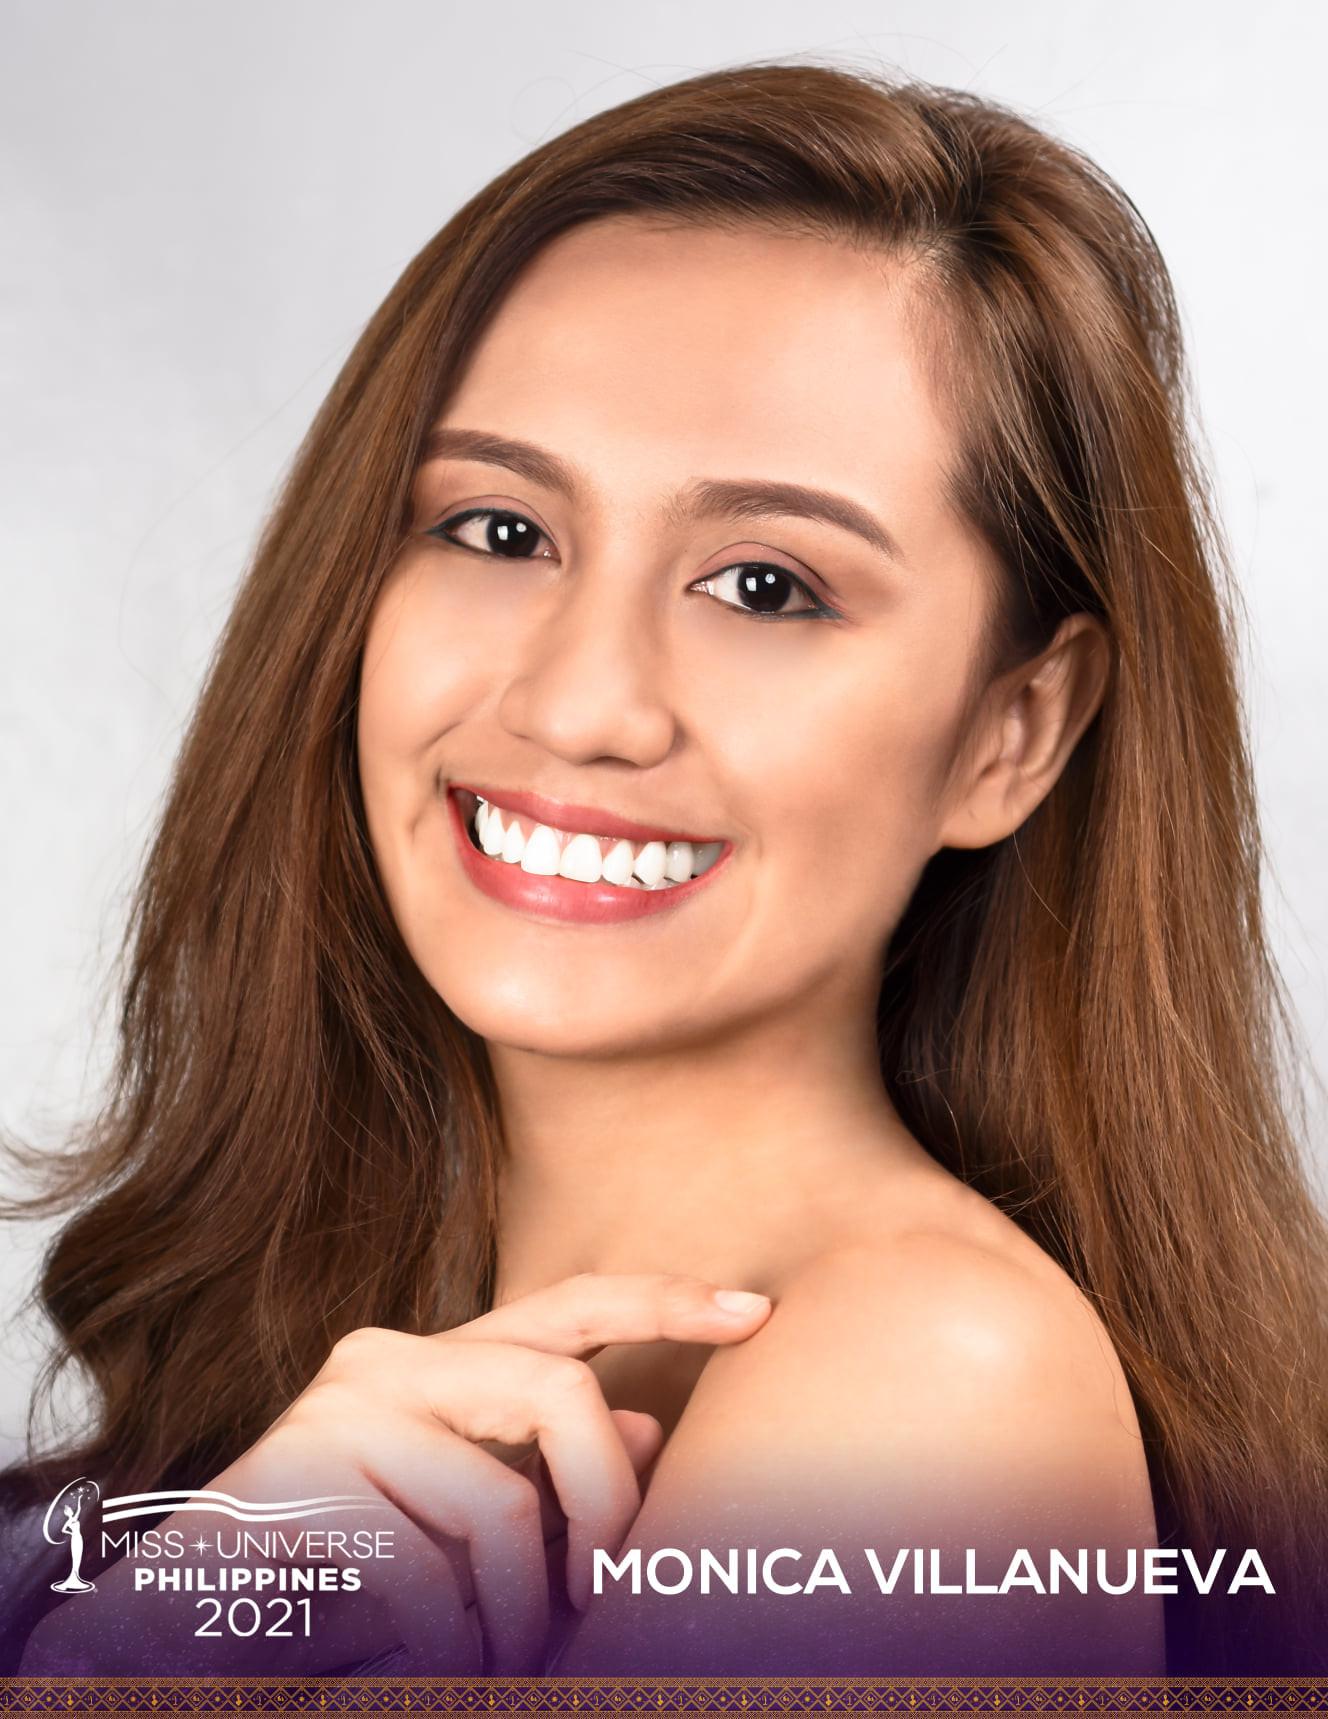 pre-candidatas a miss universe philippines 2021. - Página 3 AlzVtt